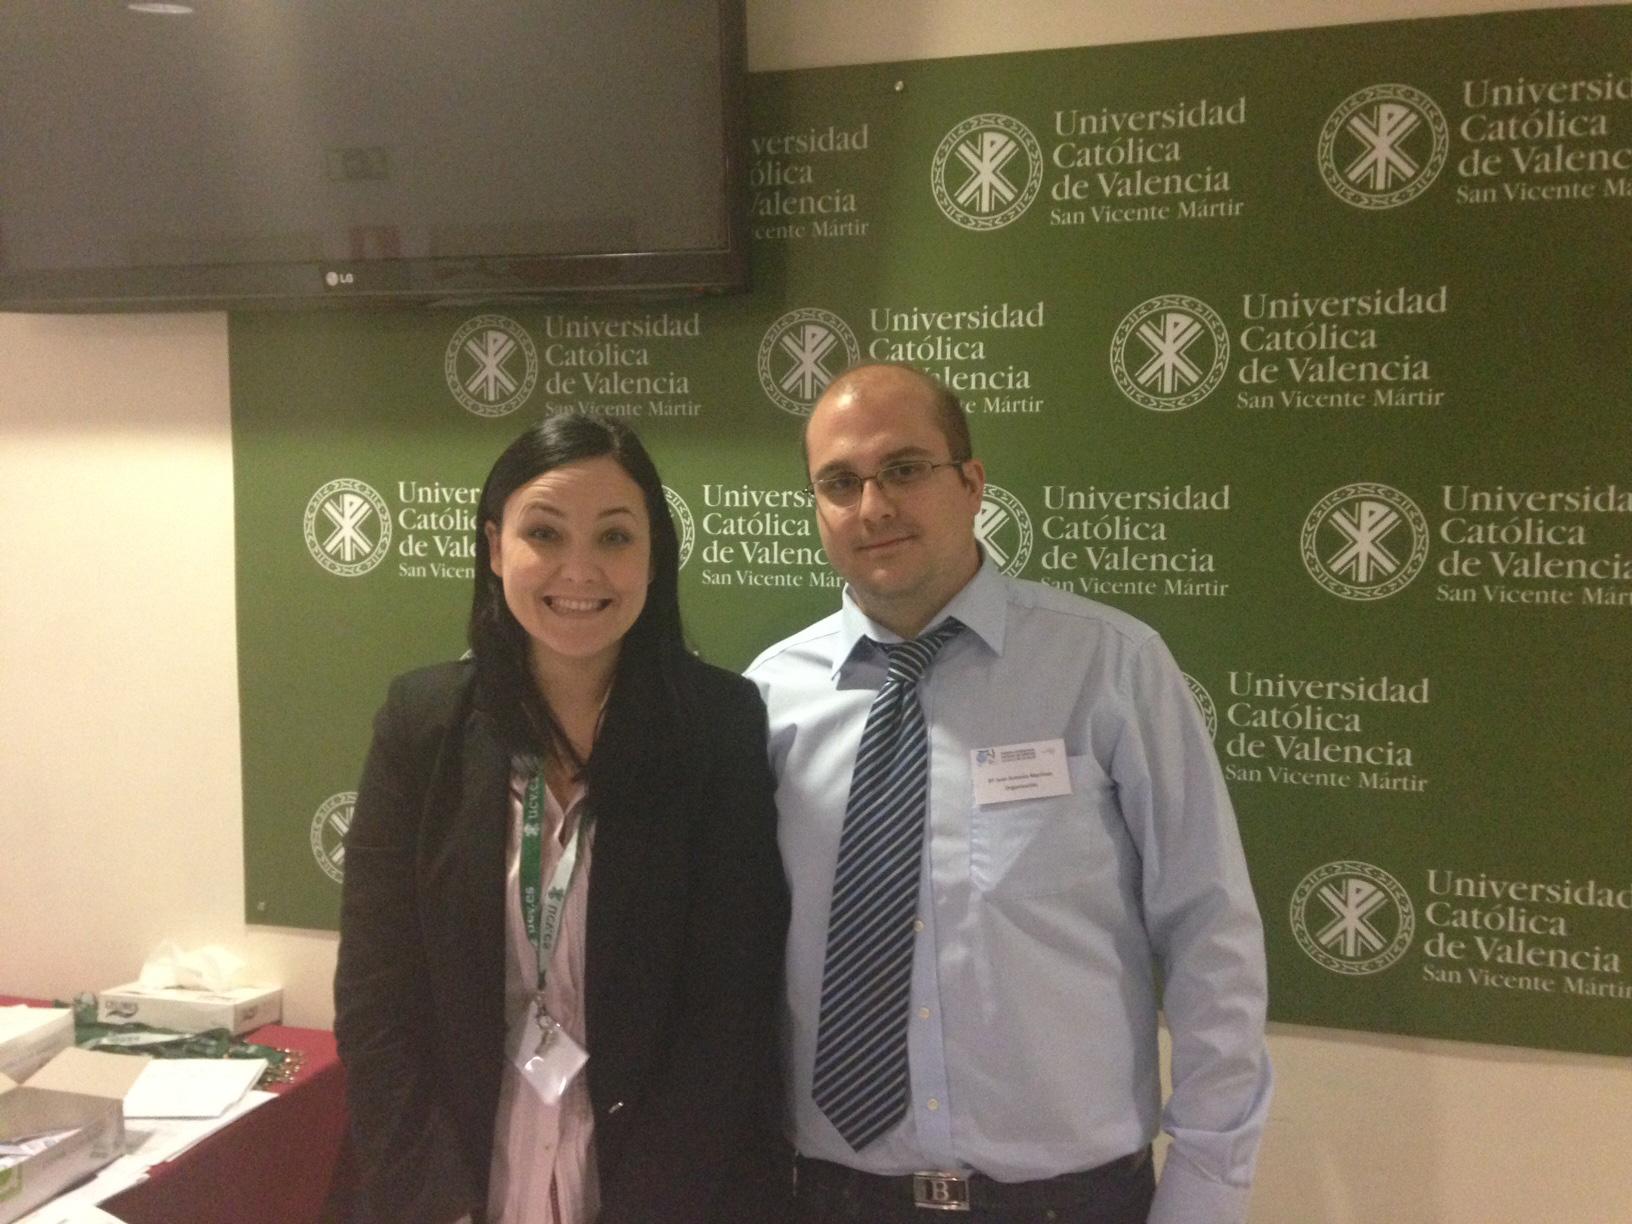 Presencia de la UCV en el Congreso Internacional Católico de Ciencias de la Salud